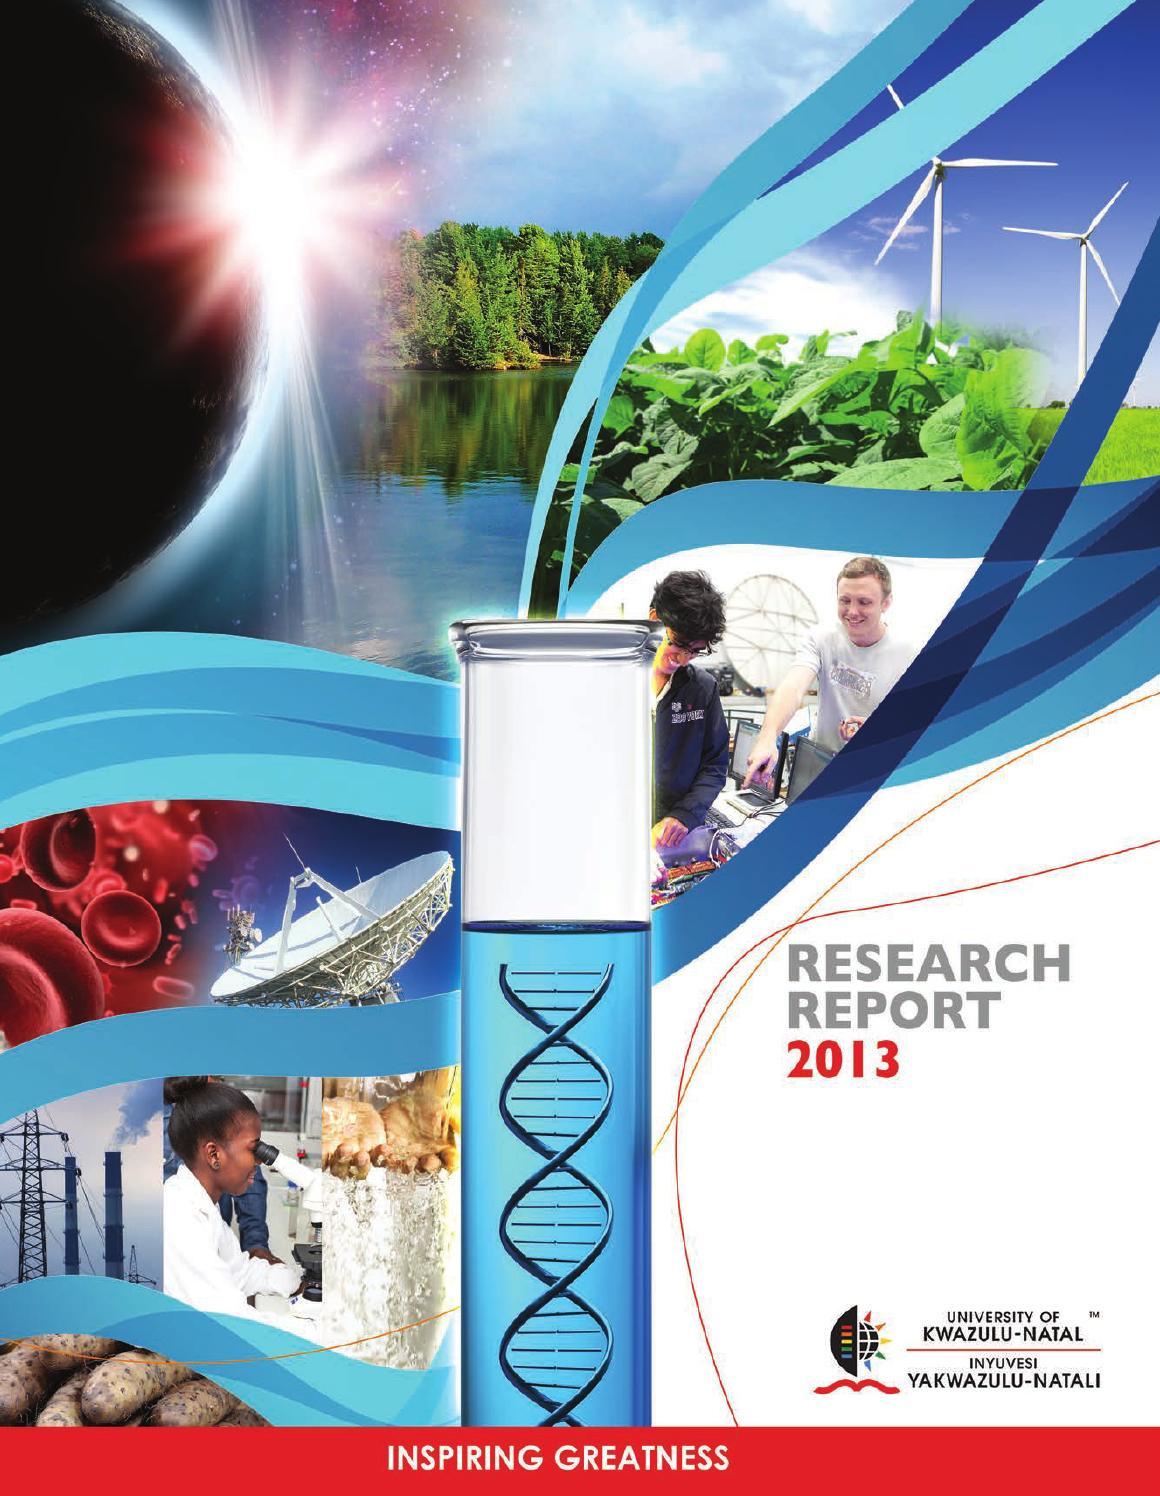 Ukzn Research Report 2013 By Muhongya Issuu